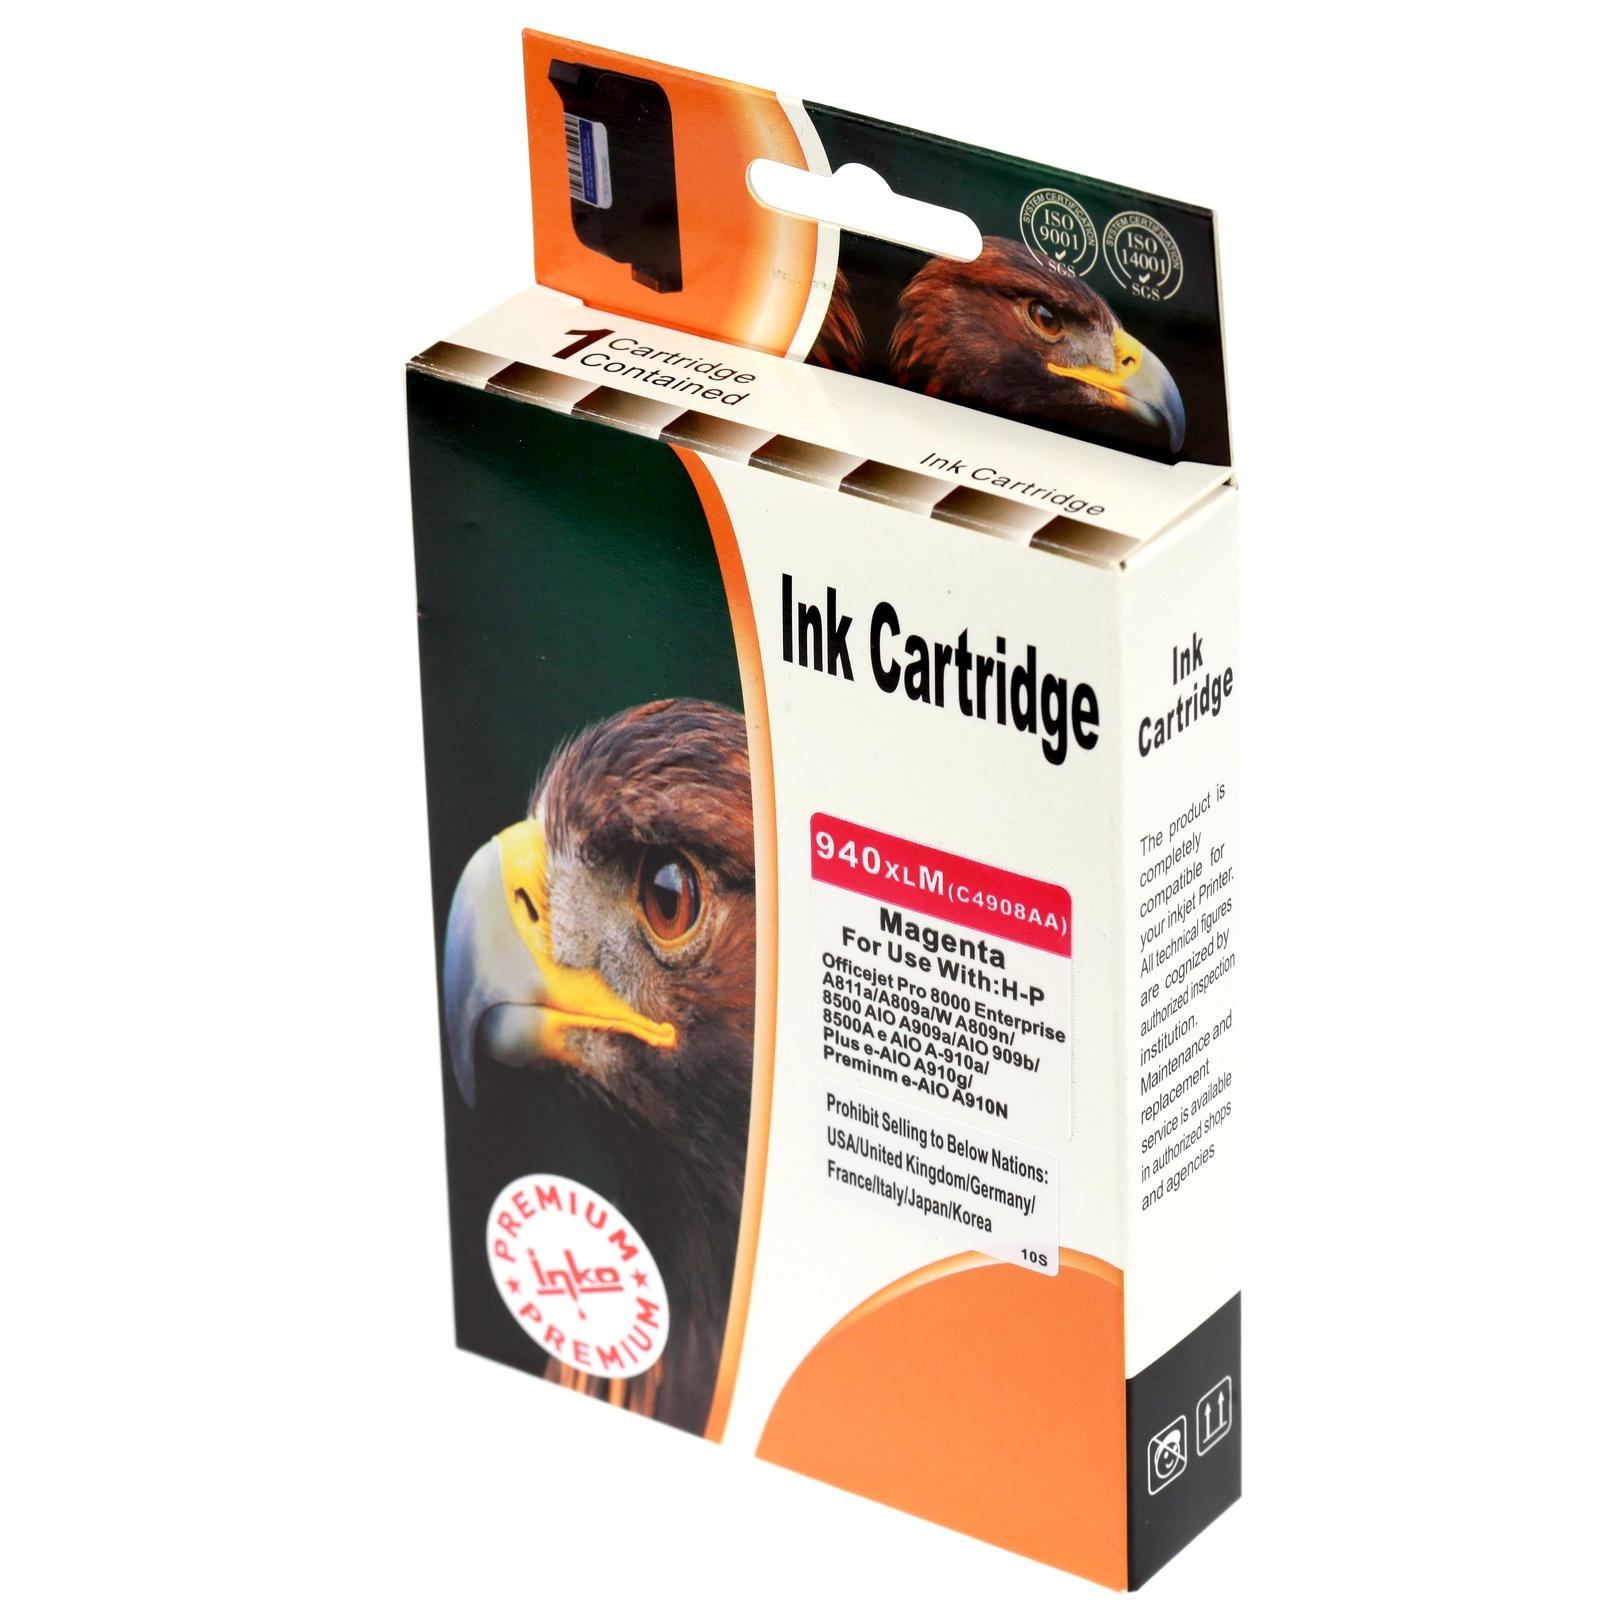 Картридж Inko для HP 940 XL пурпурный повышенной емкости картридж струйный hp 940 c4901a для hp officejet pro 8000 8500 8500a magenta cyan